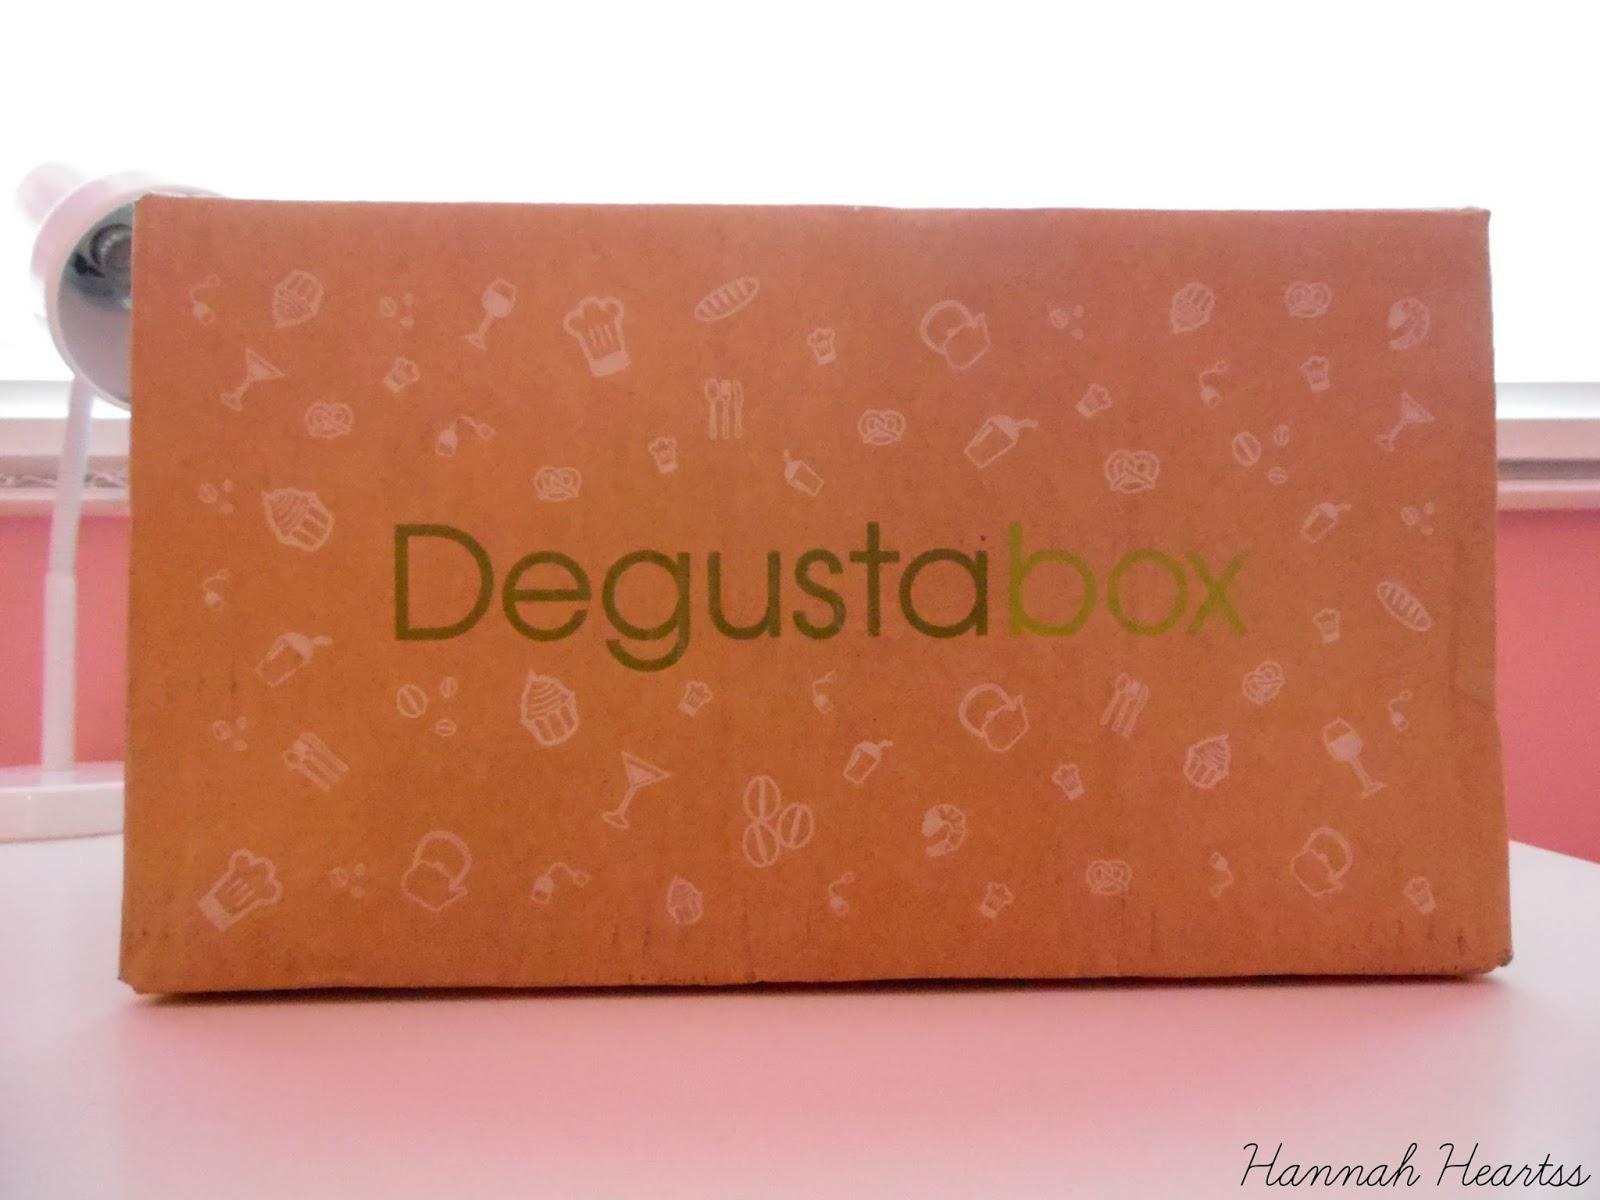 December 2014 DegustaboxUK